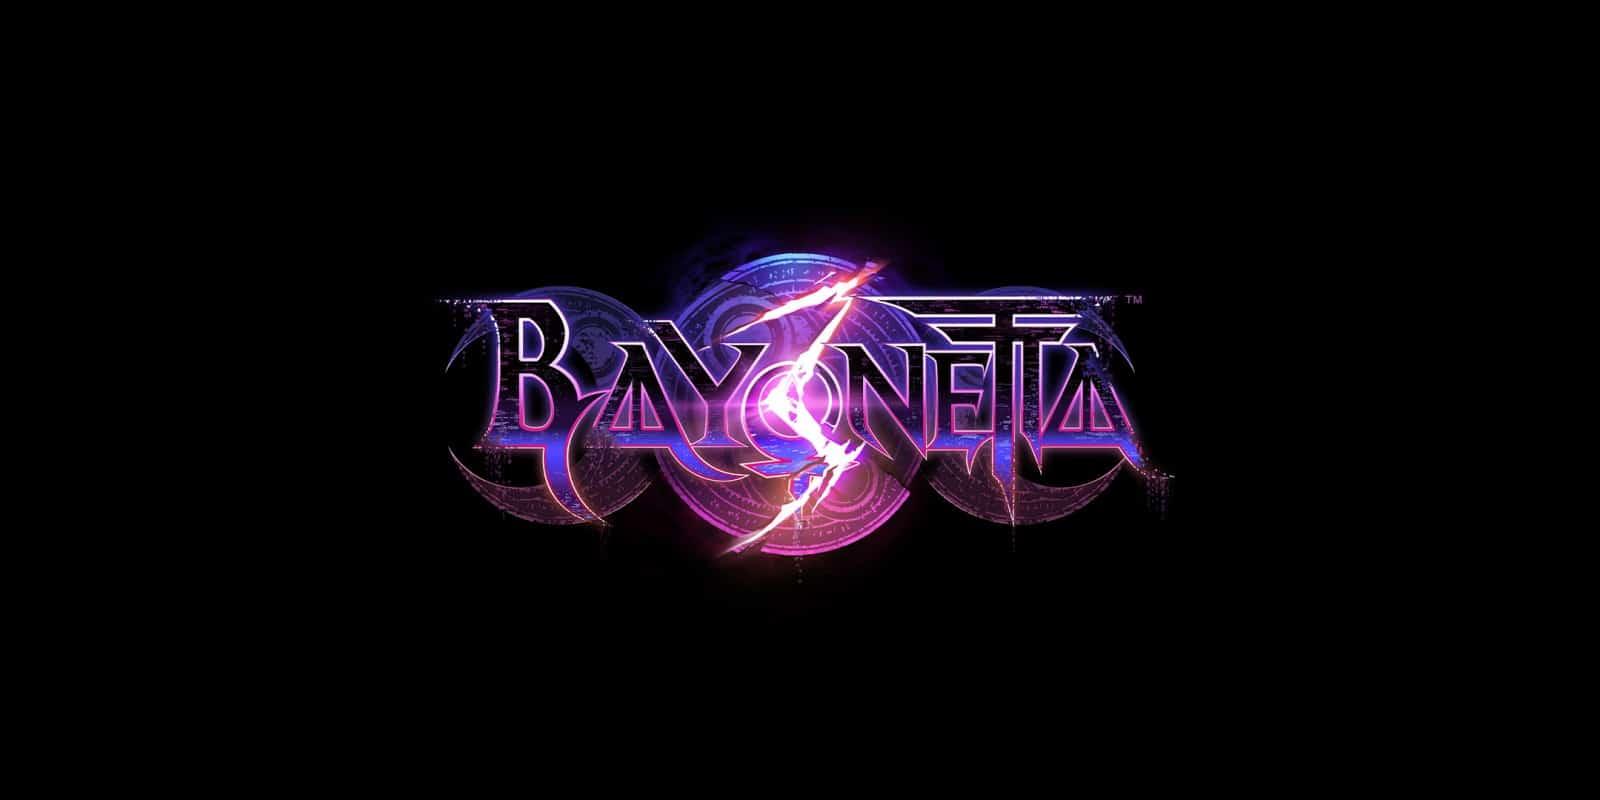 ¿Bayonetta 3 podría llegar a Xbox? Kamiya se refiere a esto 4